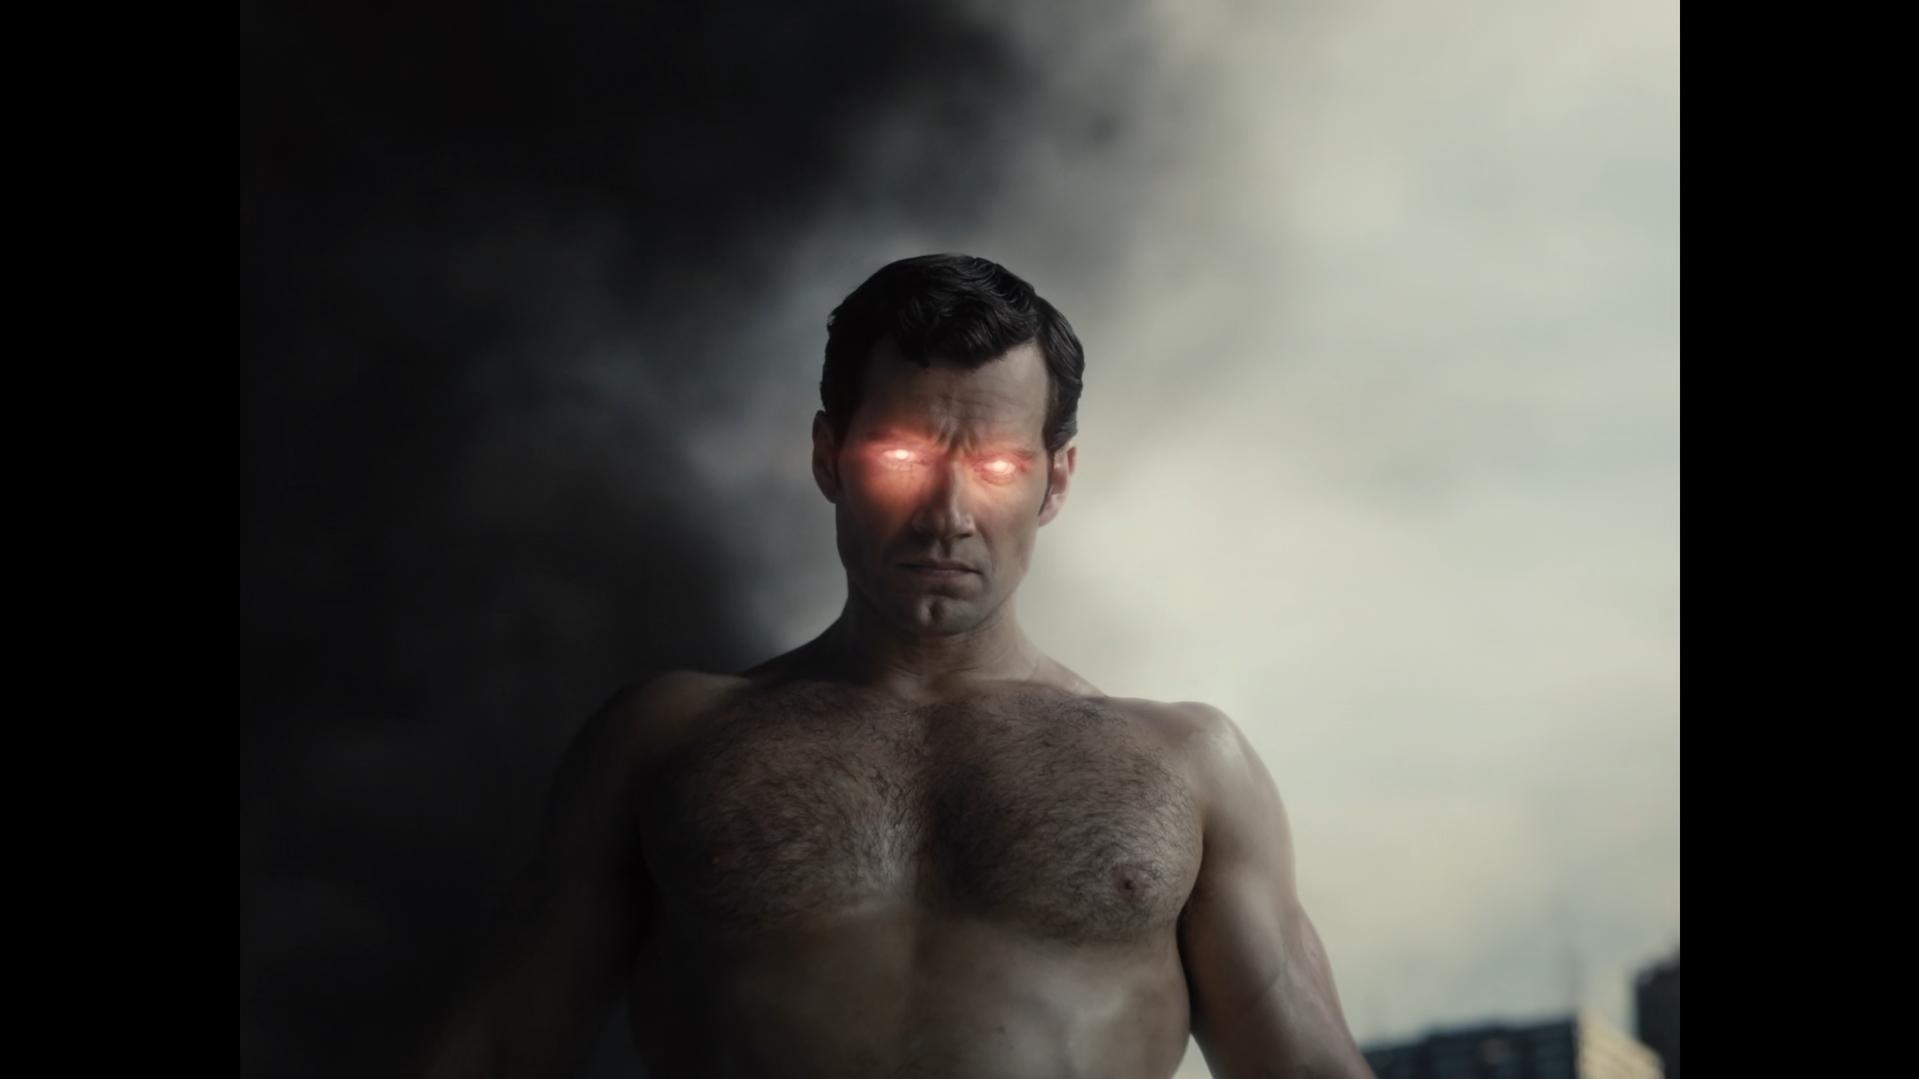 La Liga de la Justicia de Zack Snyder (2021) 16:9 1080p WEB-DL x265 Latino